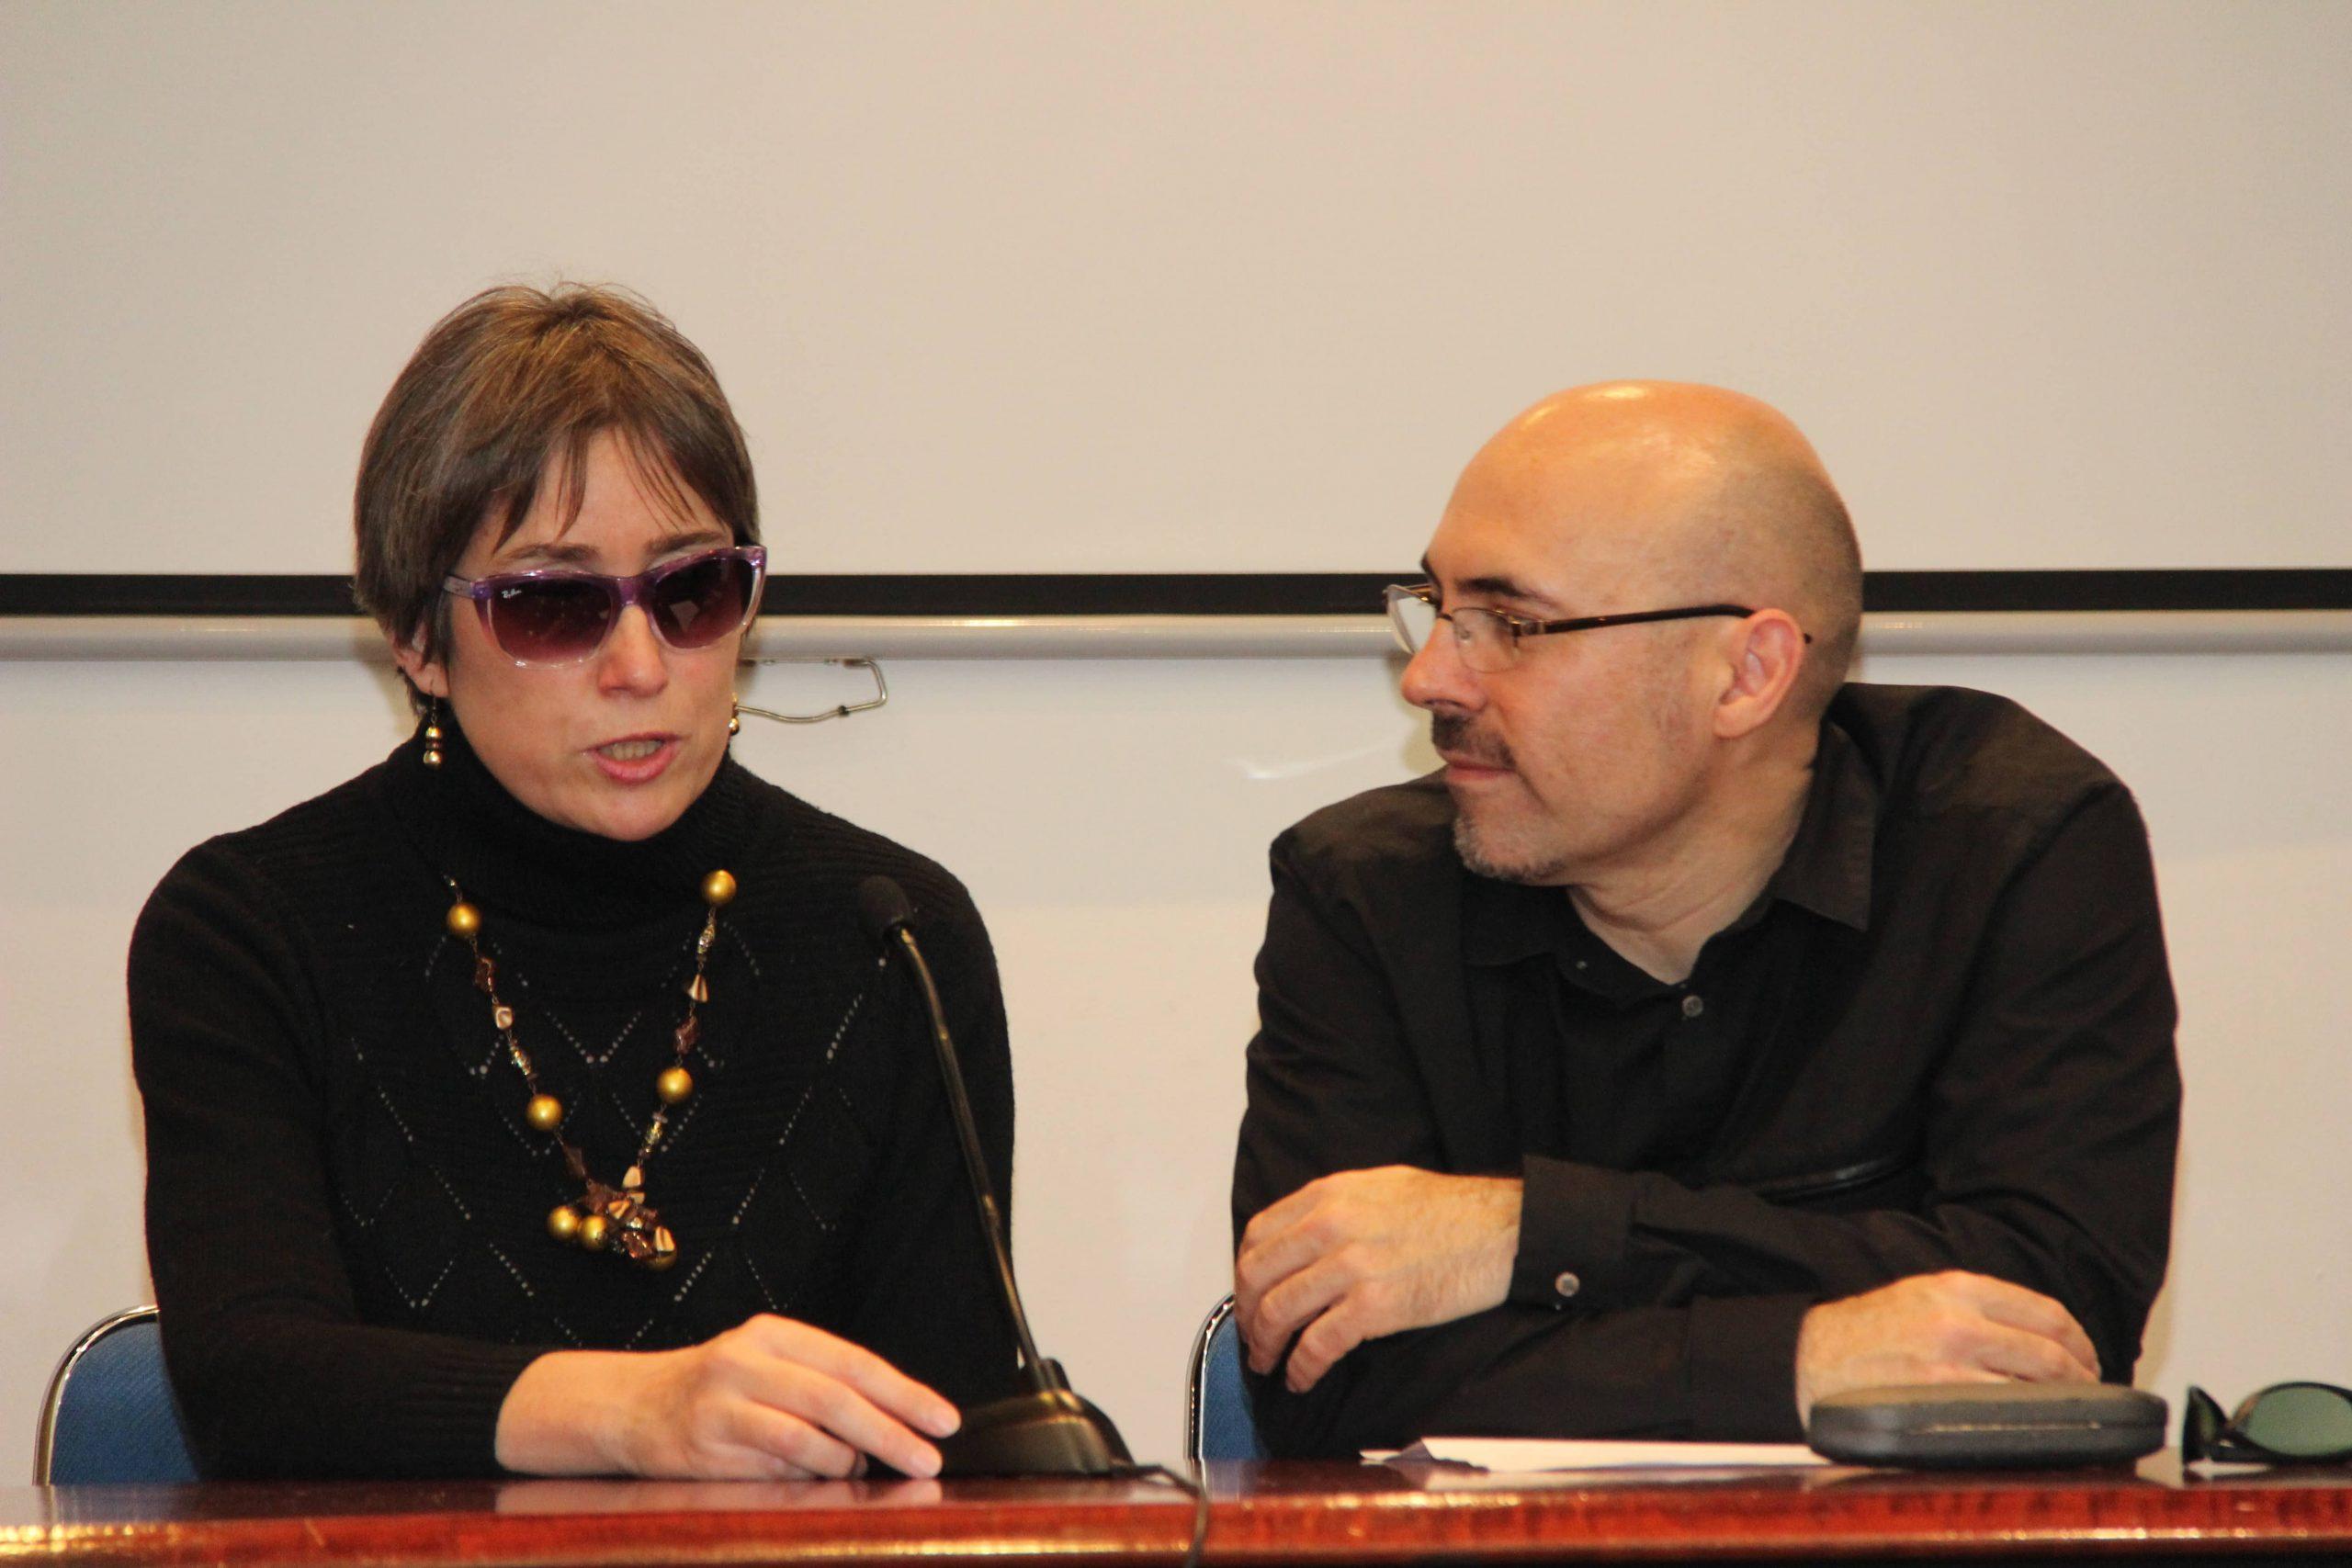 El reto de escribir una novela a 4 manos. Pedro de Andrés y Marta Estrada presentan:  «Mester de brujería – Cantigas de Inesia y Rapaz»